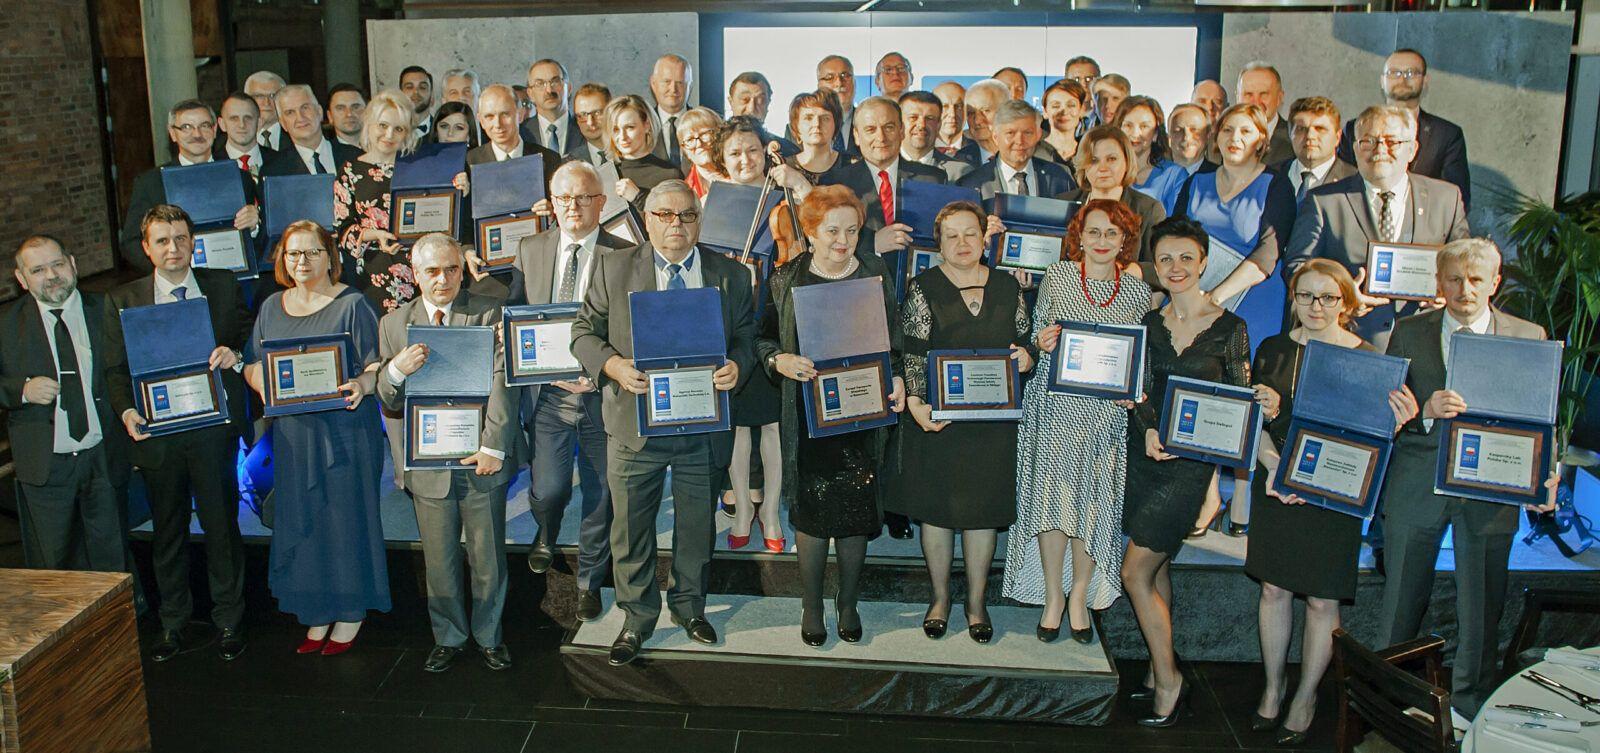 Symbole 2017 rozdane. Uroczysta Gala w Katowicach [ZDJĘCIA]